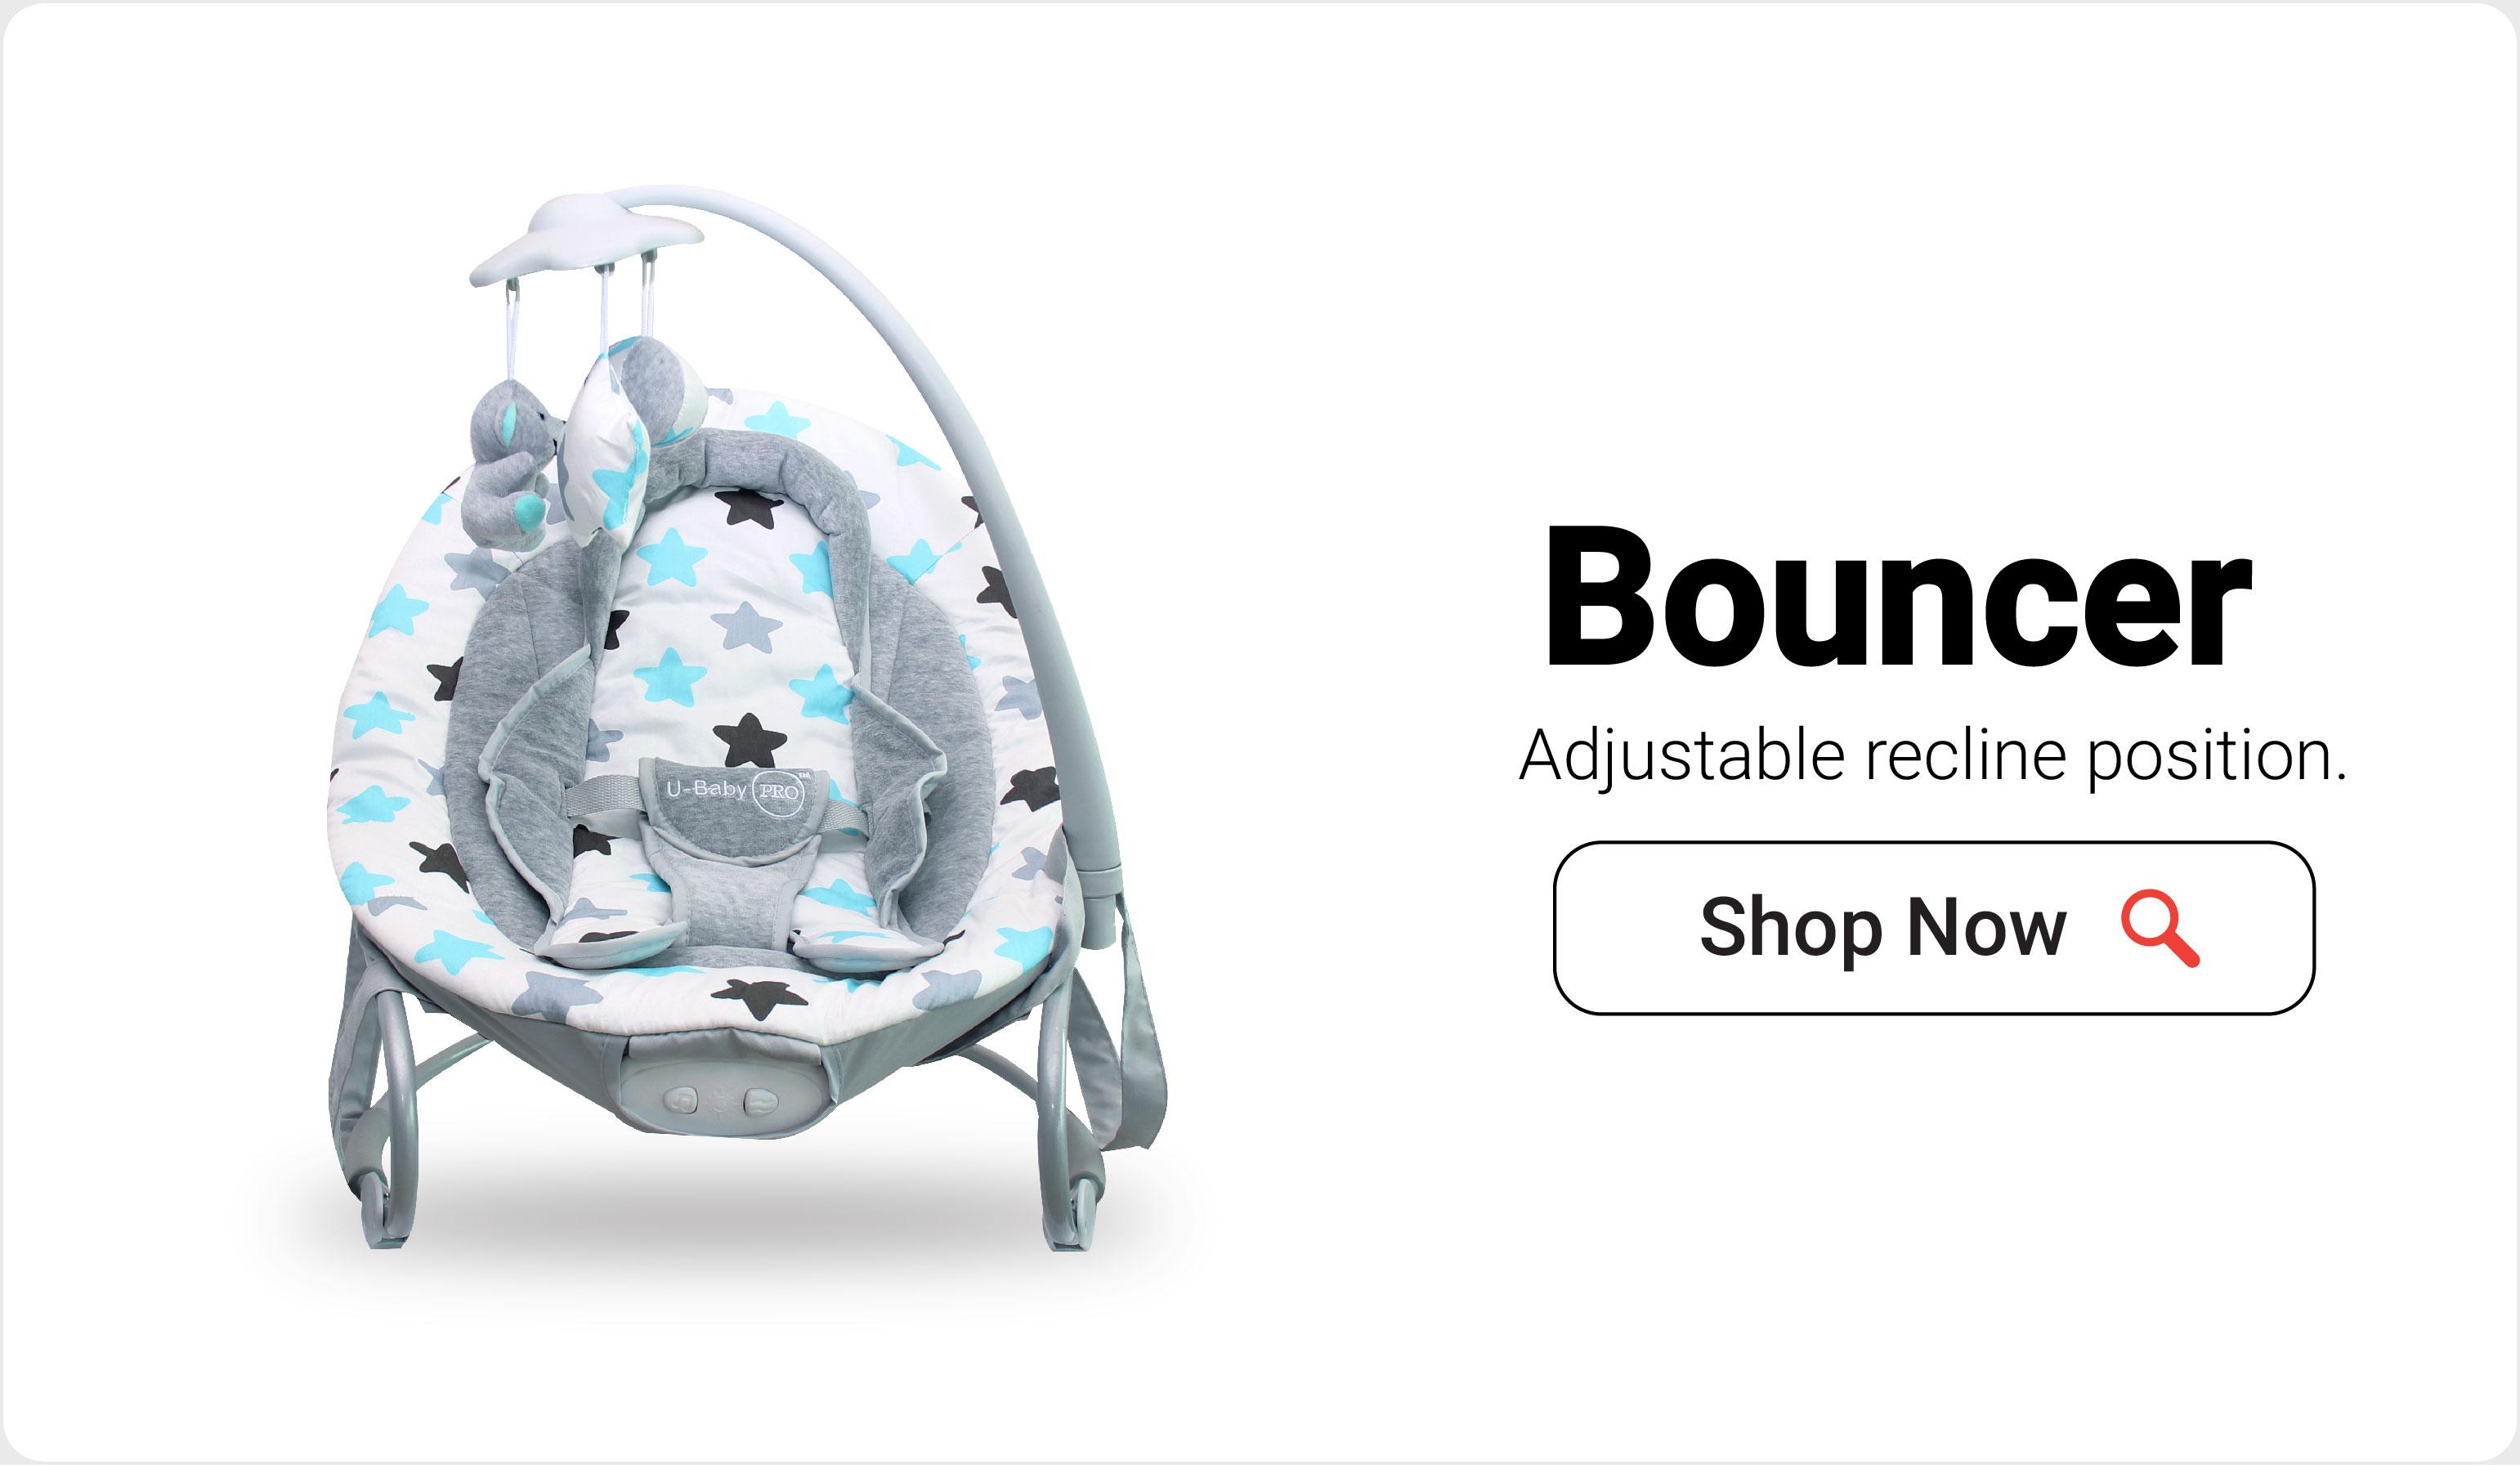 Category - Bouncer